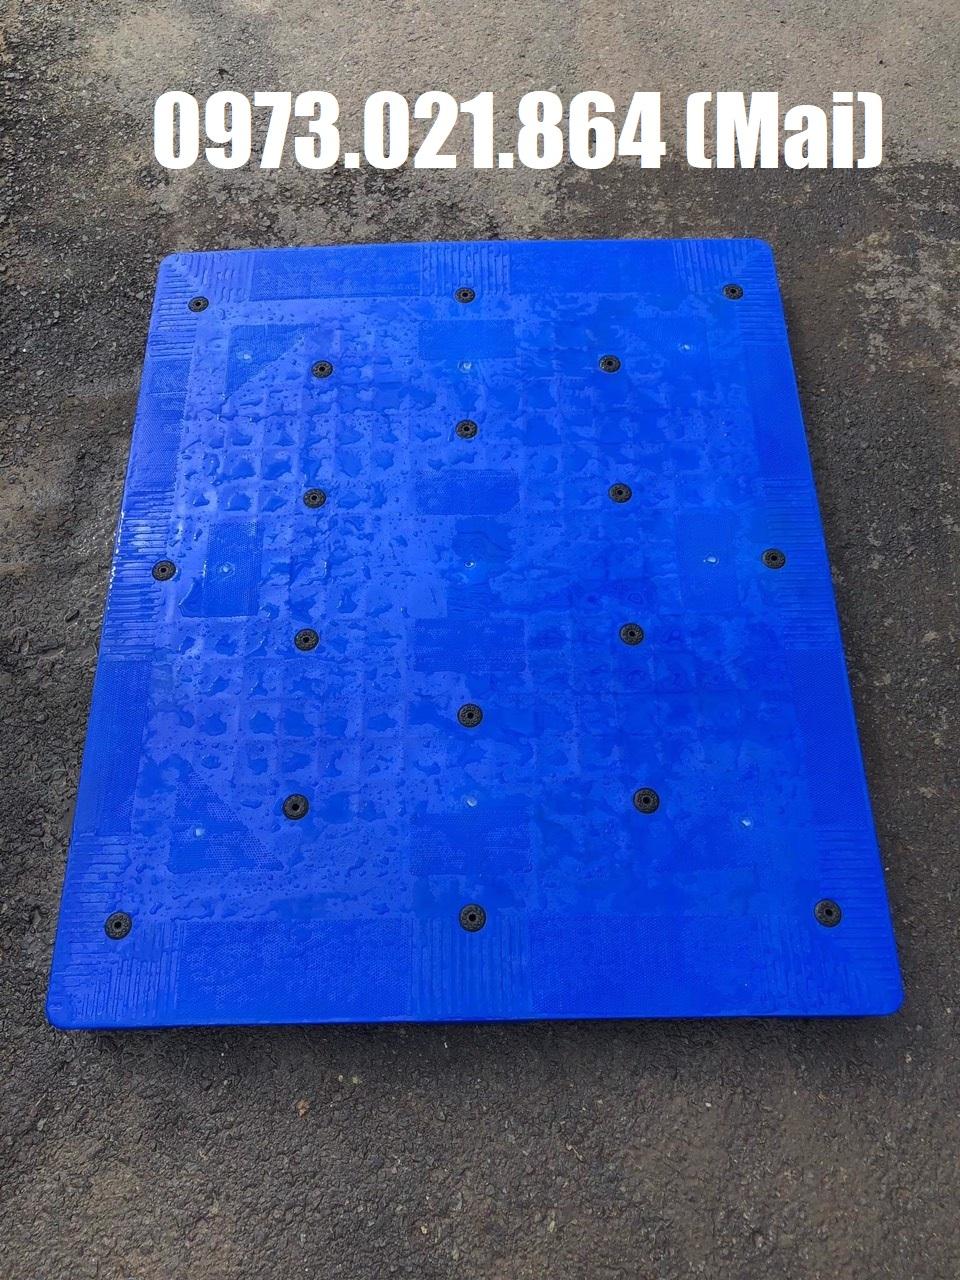 Pallet nhựa cũ Đồng Nai đã qua sử dụng